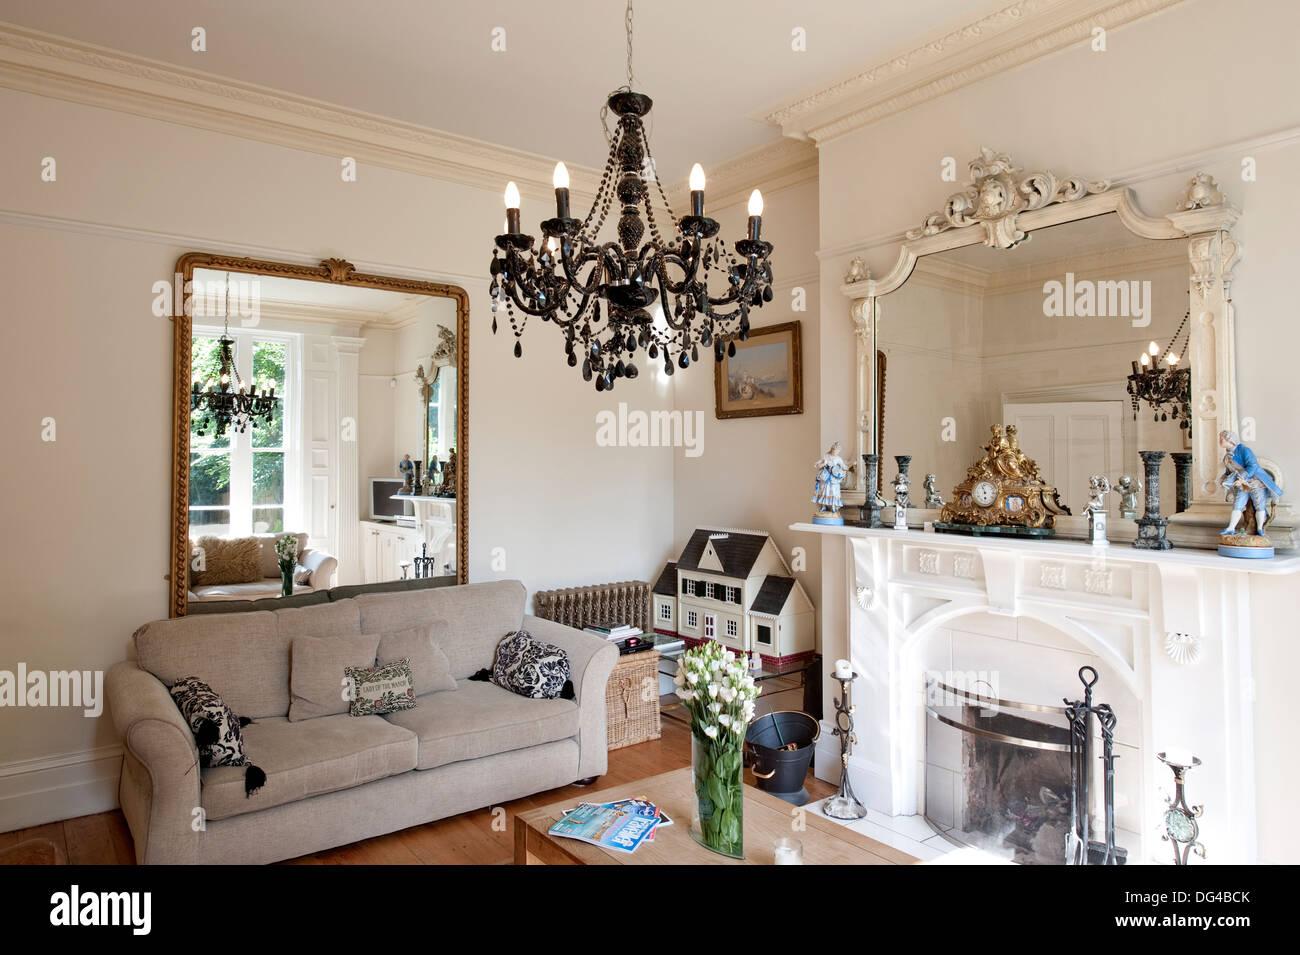 Große Lounge Zimmer englisches Landhaus Stockfoto, Bild: 61562387 ...